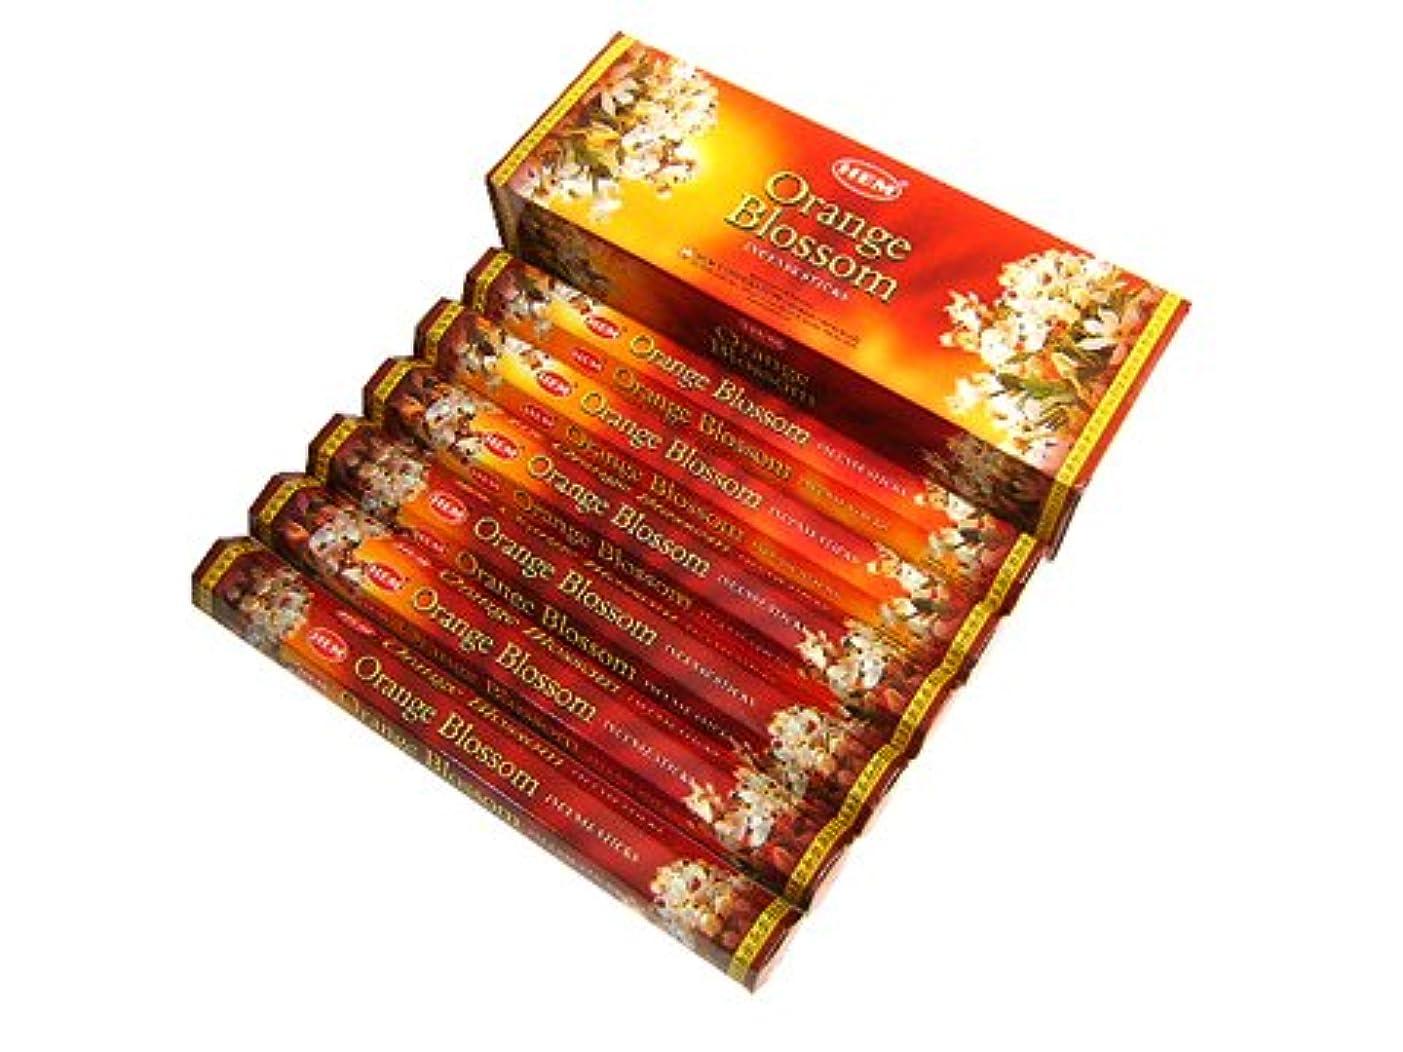 ほのめかす従う店主HEM(ヘム)社 オレンジブロッサム香 スティック ORANGE BLOSSOM 6箱セット